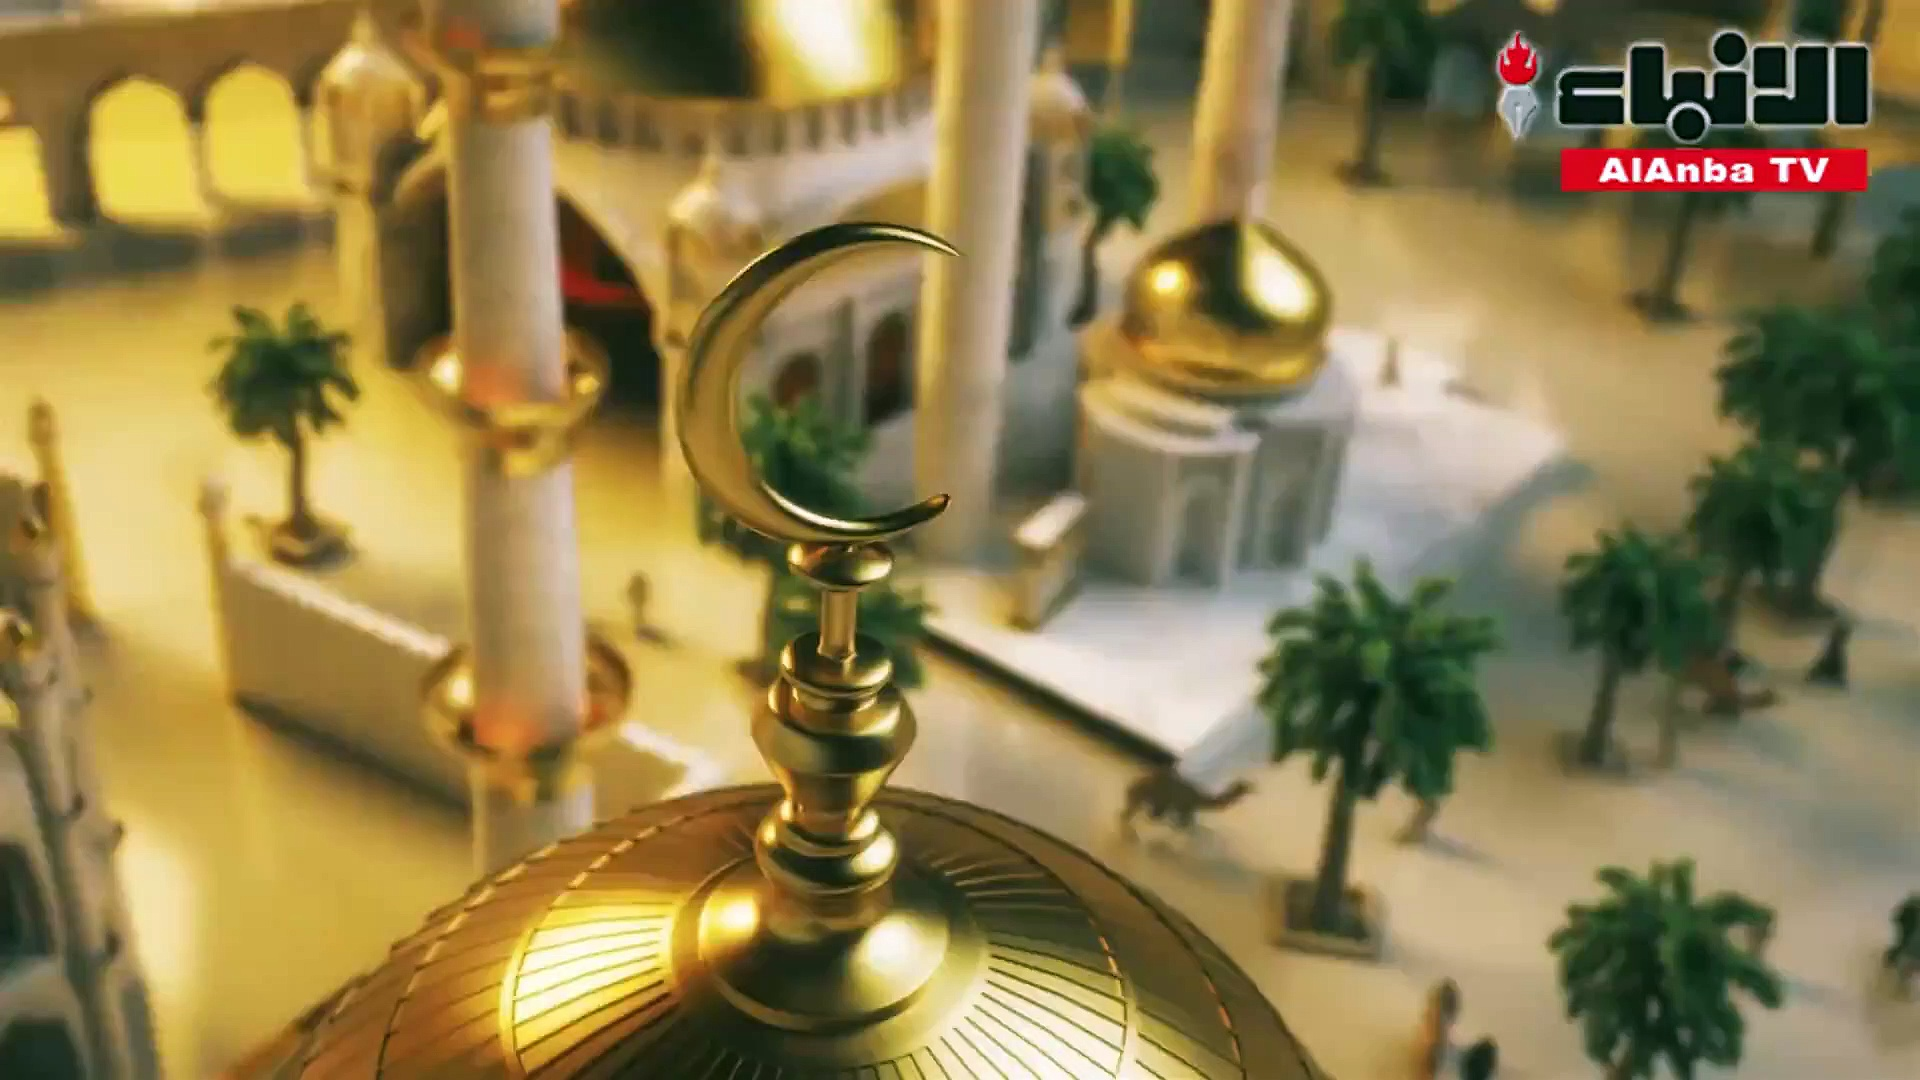 د. عبد الرحمن السماوي شهر رمضان فيه النفحات والبركات والعطاءات، فاشكروا الله أن بلغكم هذا الشهر المبارك